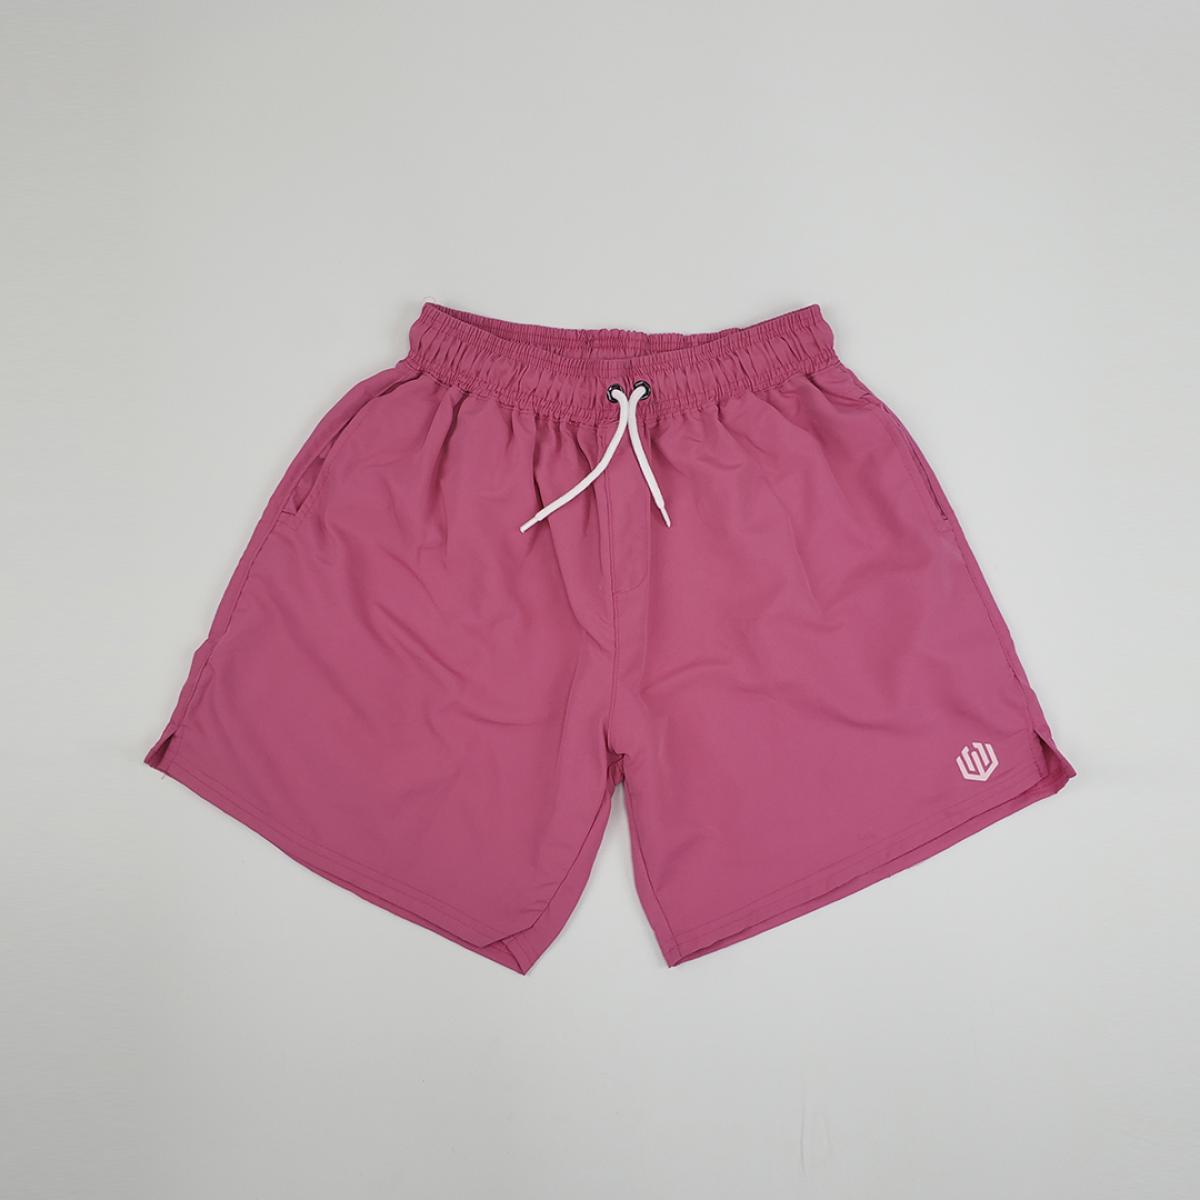 Short John Roger - pink